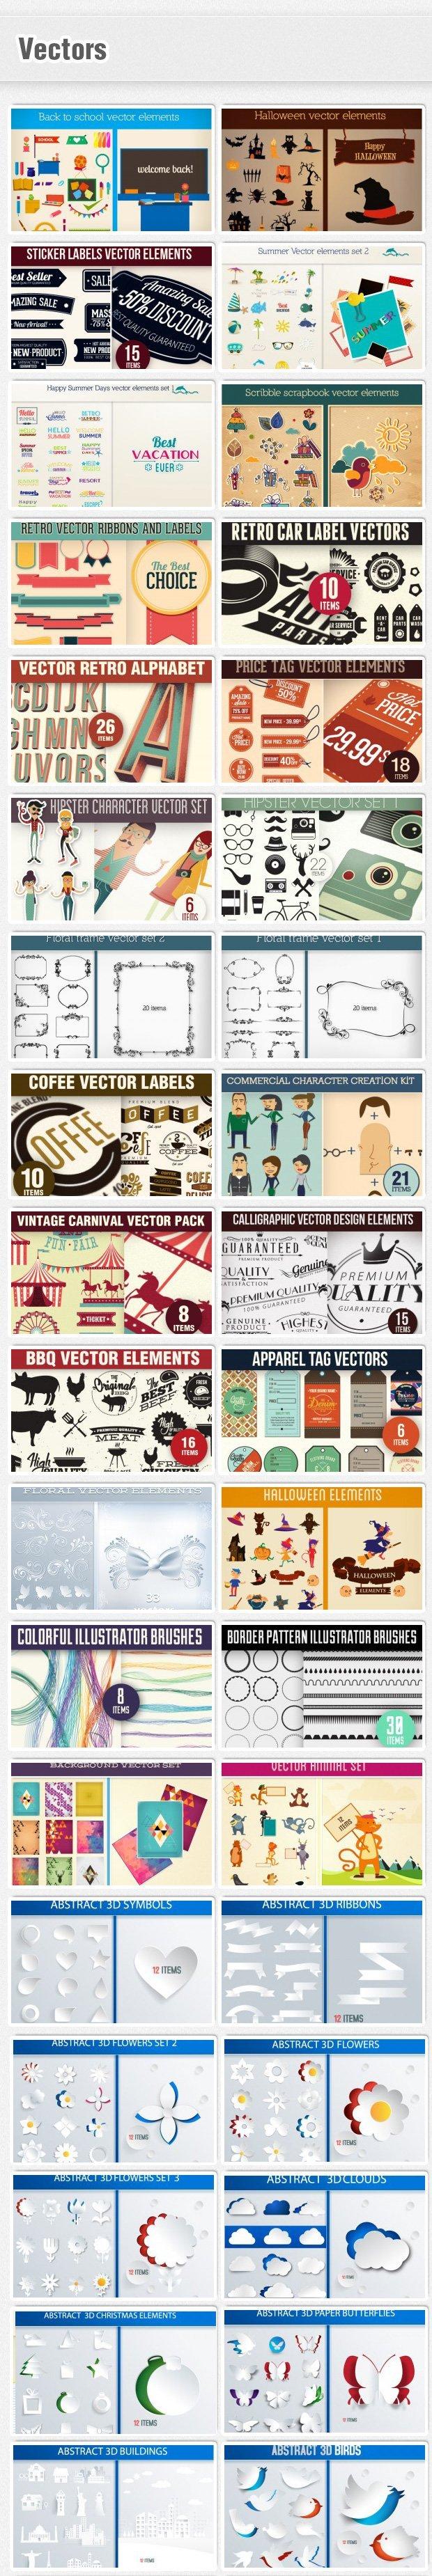 vectors-new-new